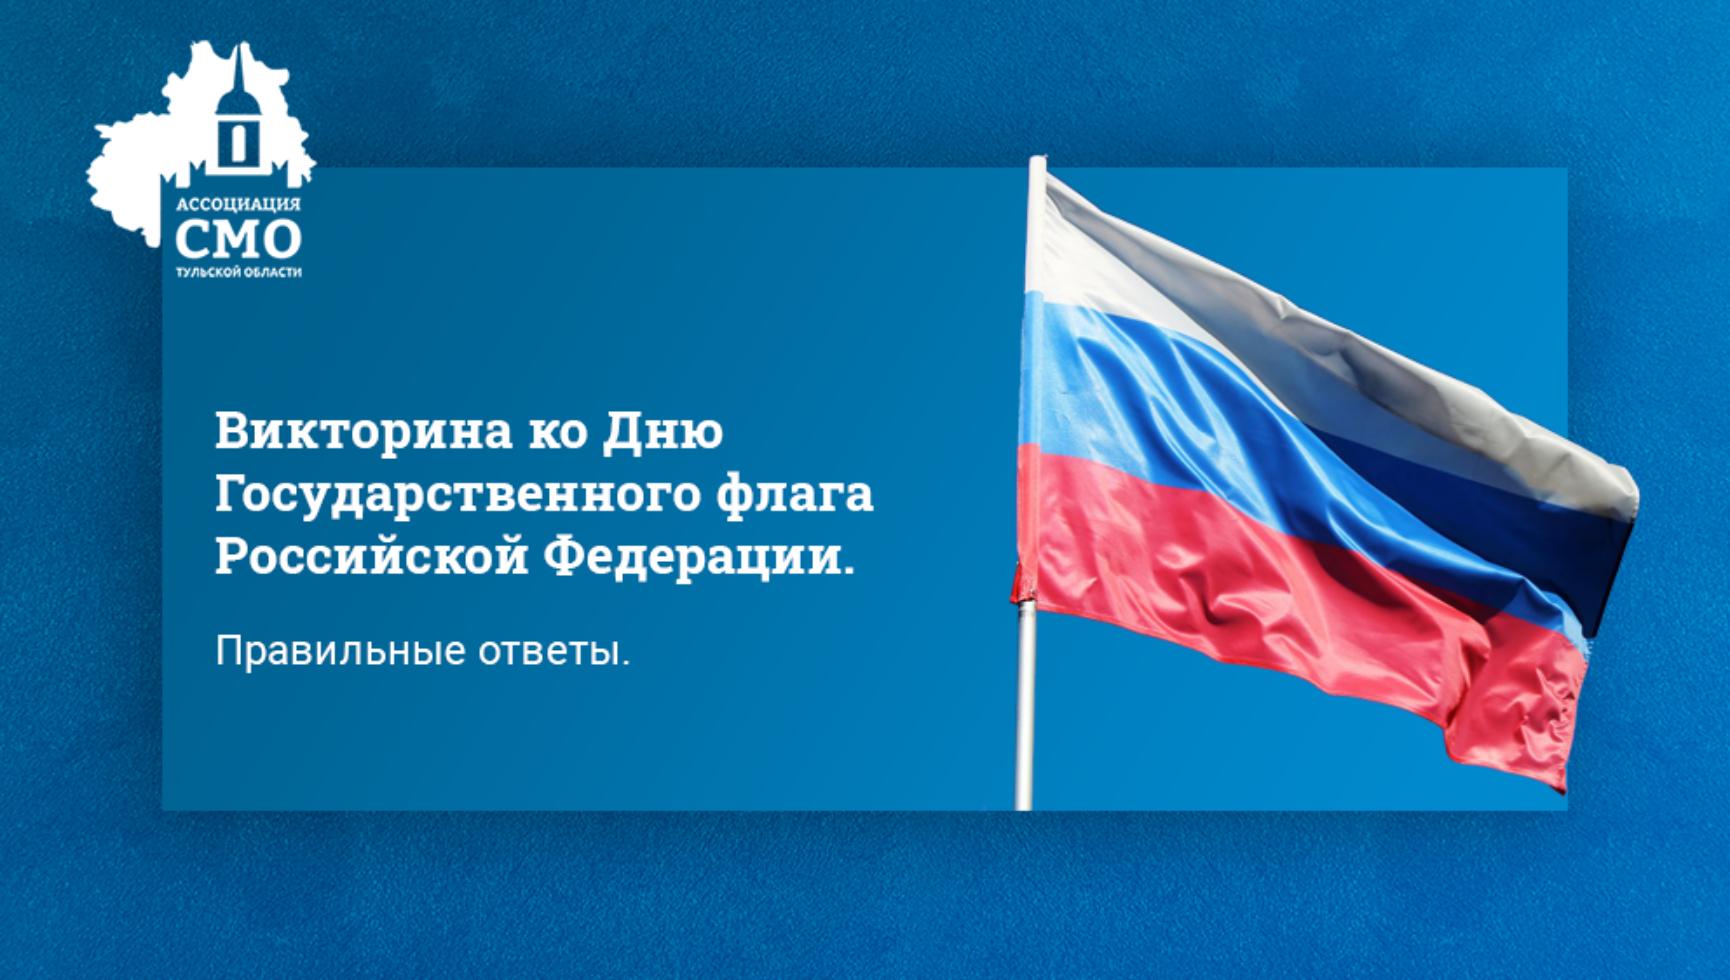 Правильные ответы на вопросы викторины ко Дню Государственного флага Российской Федерации.